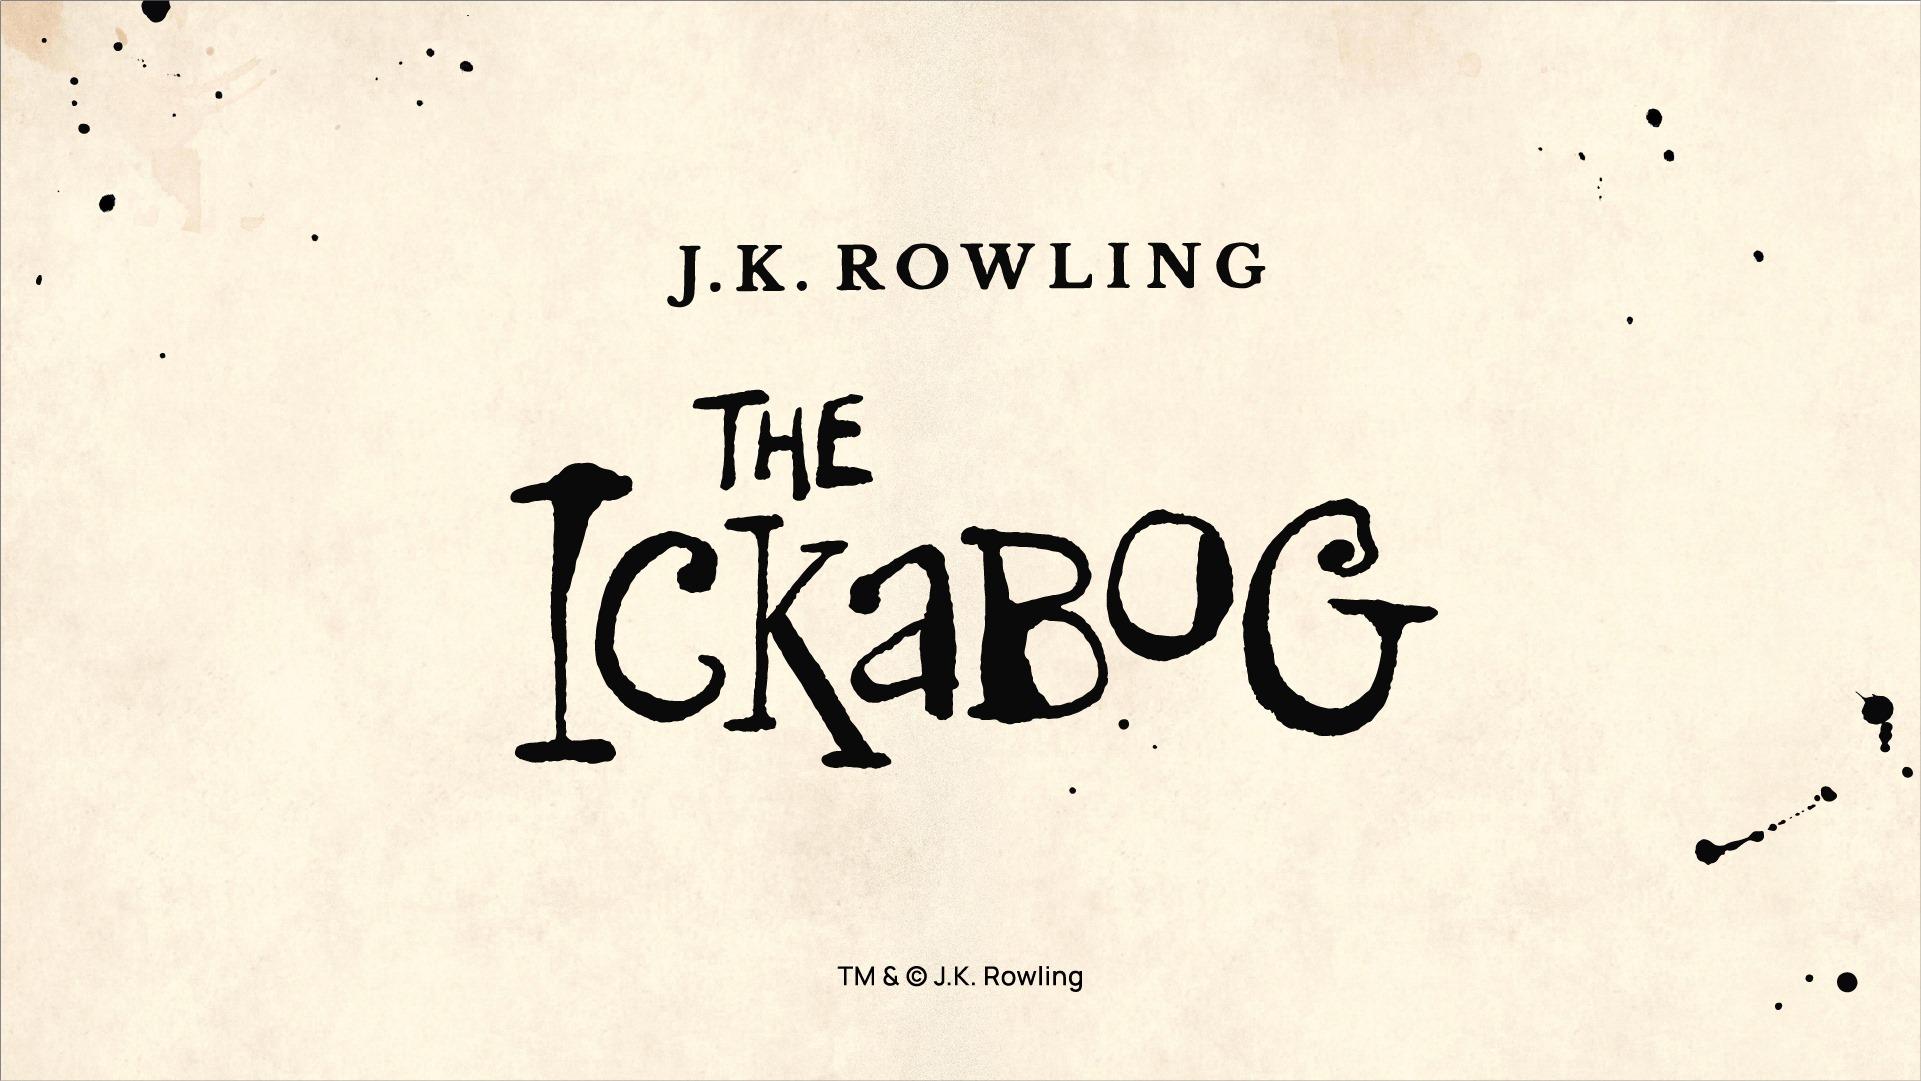 J.K Rowling annonce la publication d'un roman jeunesse: The Ickabog!